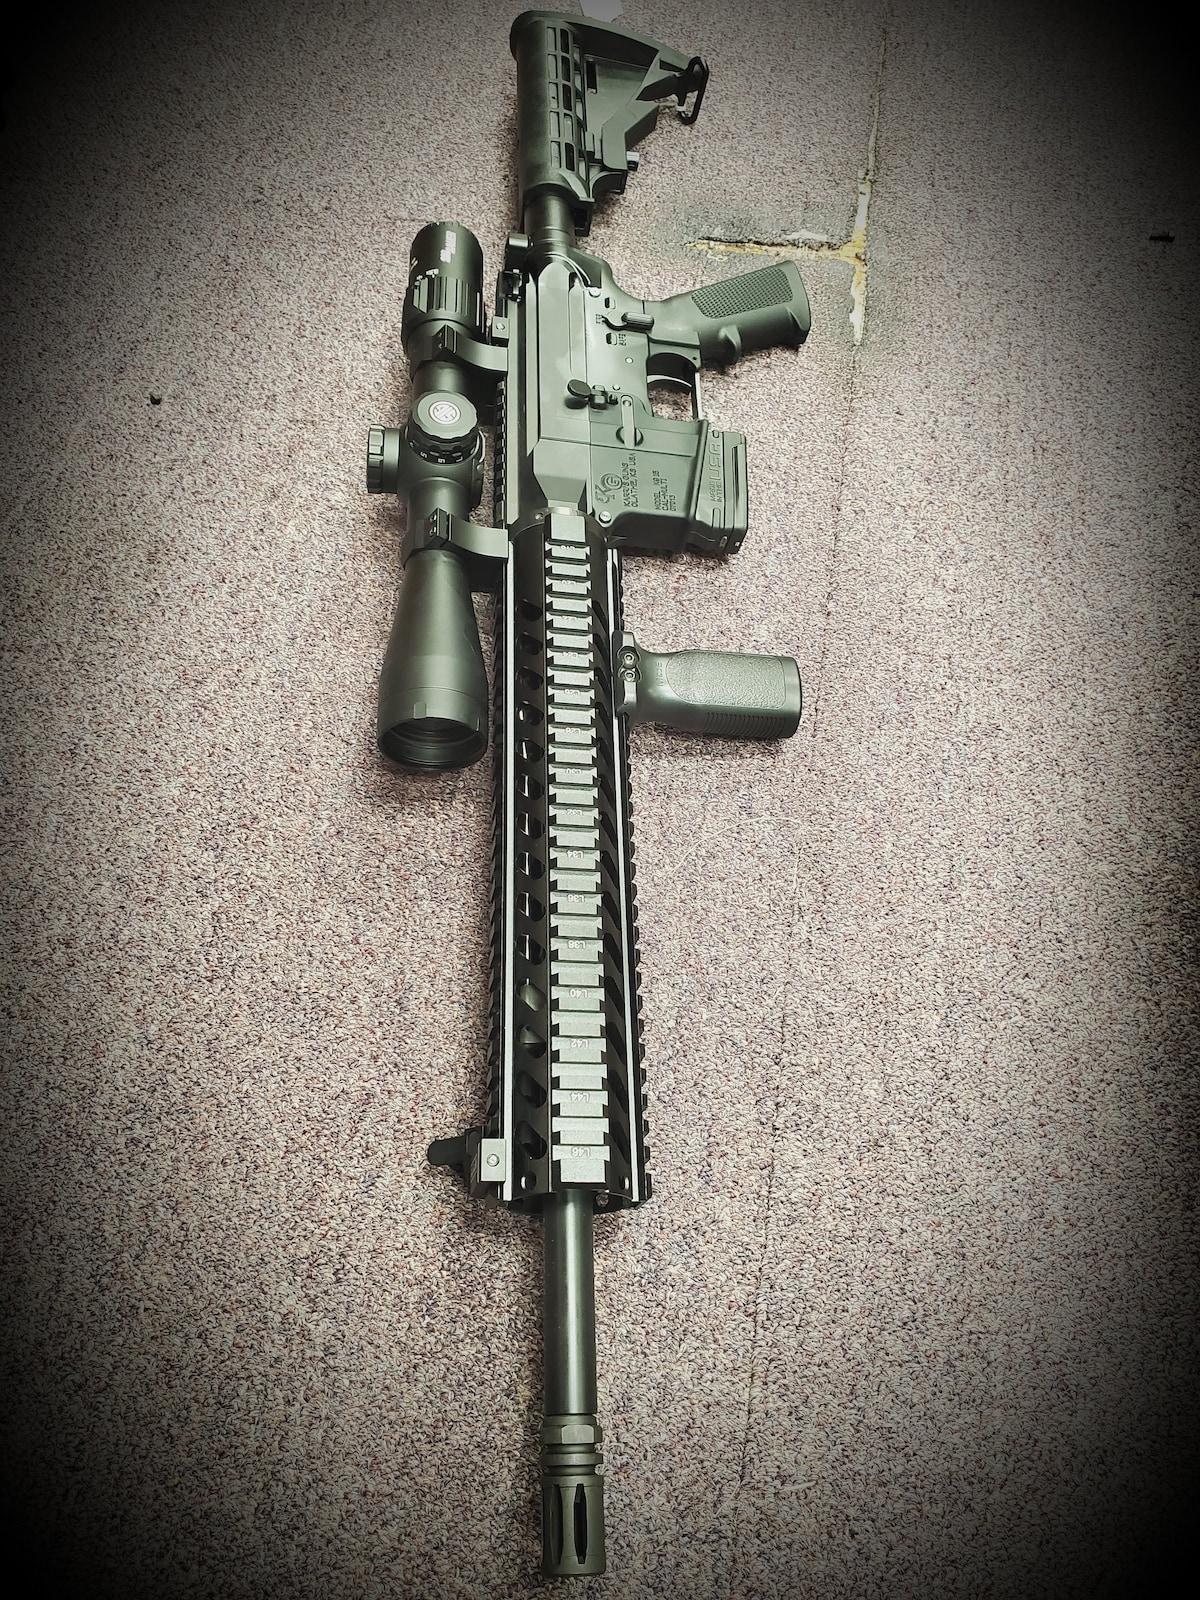 KARRI'S GUNS full package KG-15 AR15 M4 Fixed Magazine